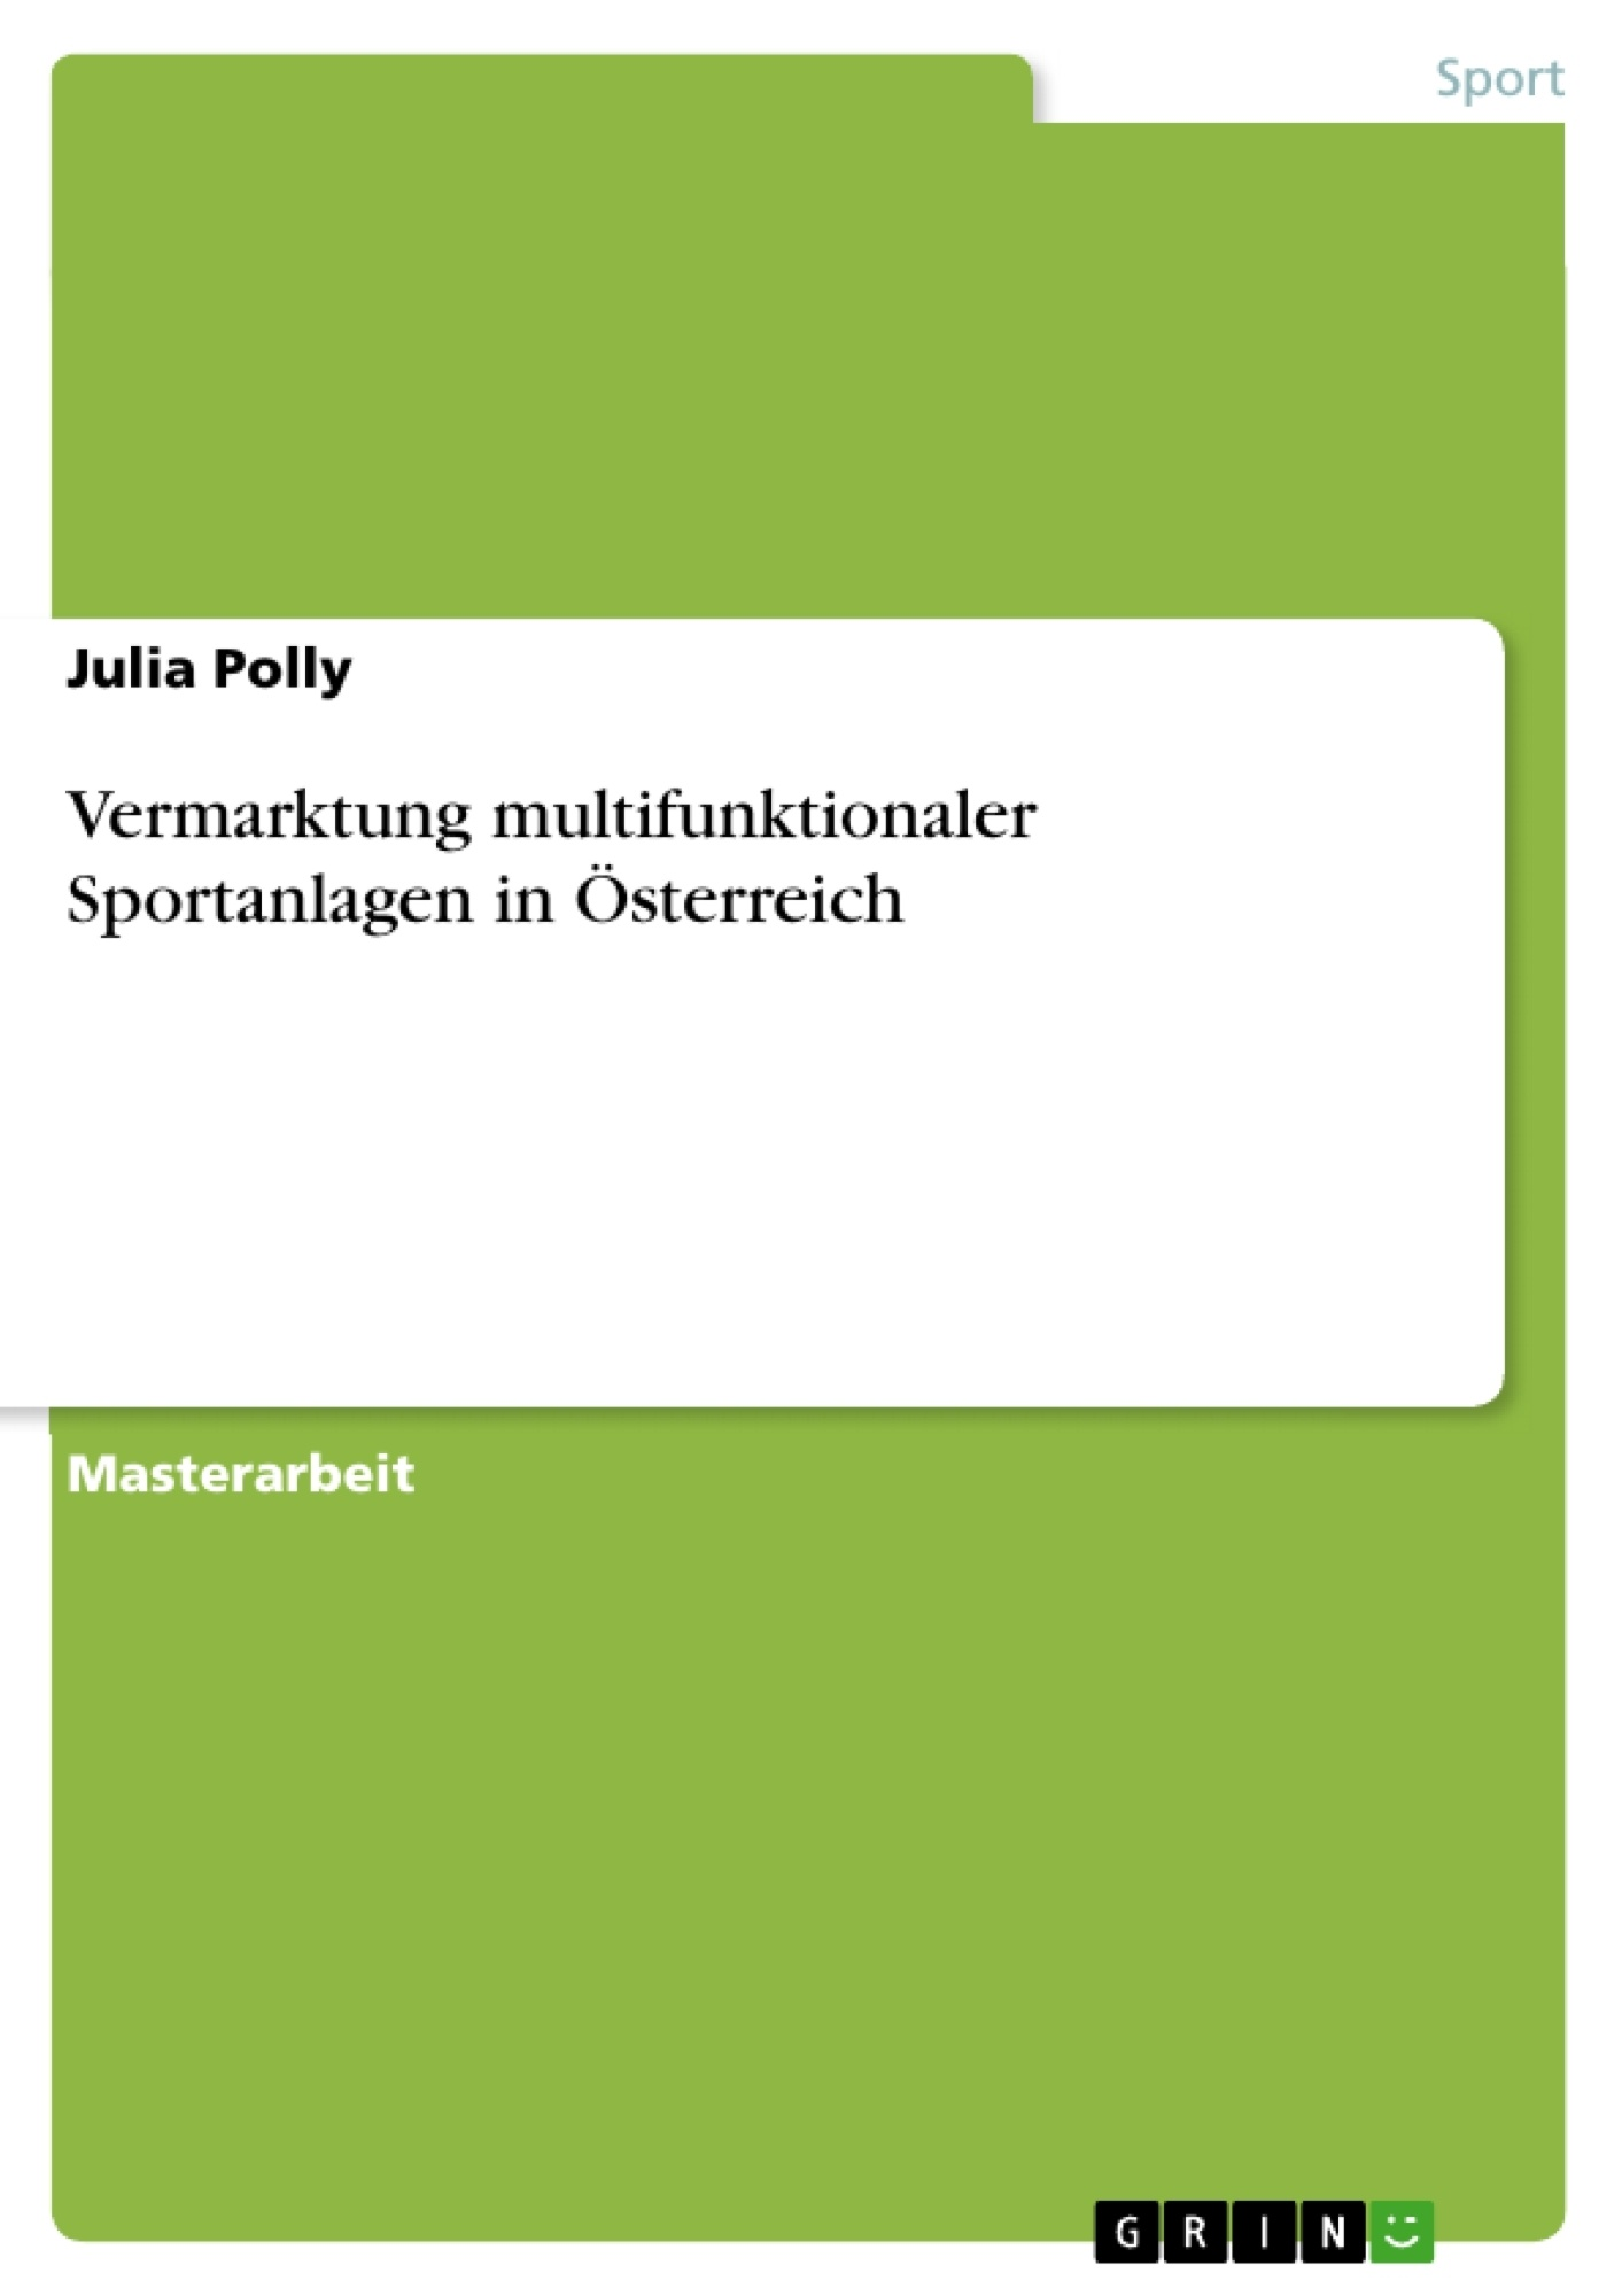 Titel: Vermarktung multifunktionaler Sportanlagen in Österreich